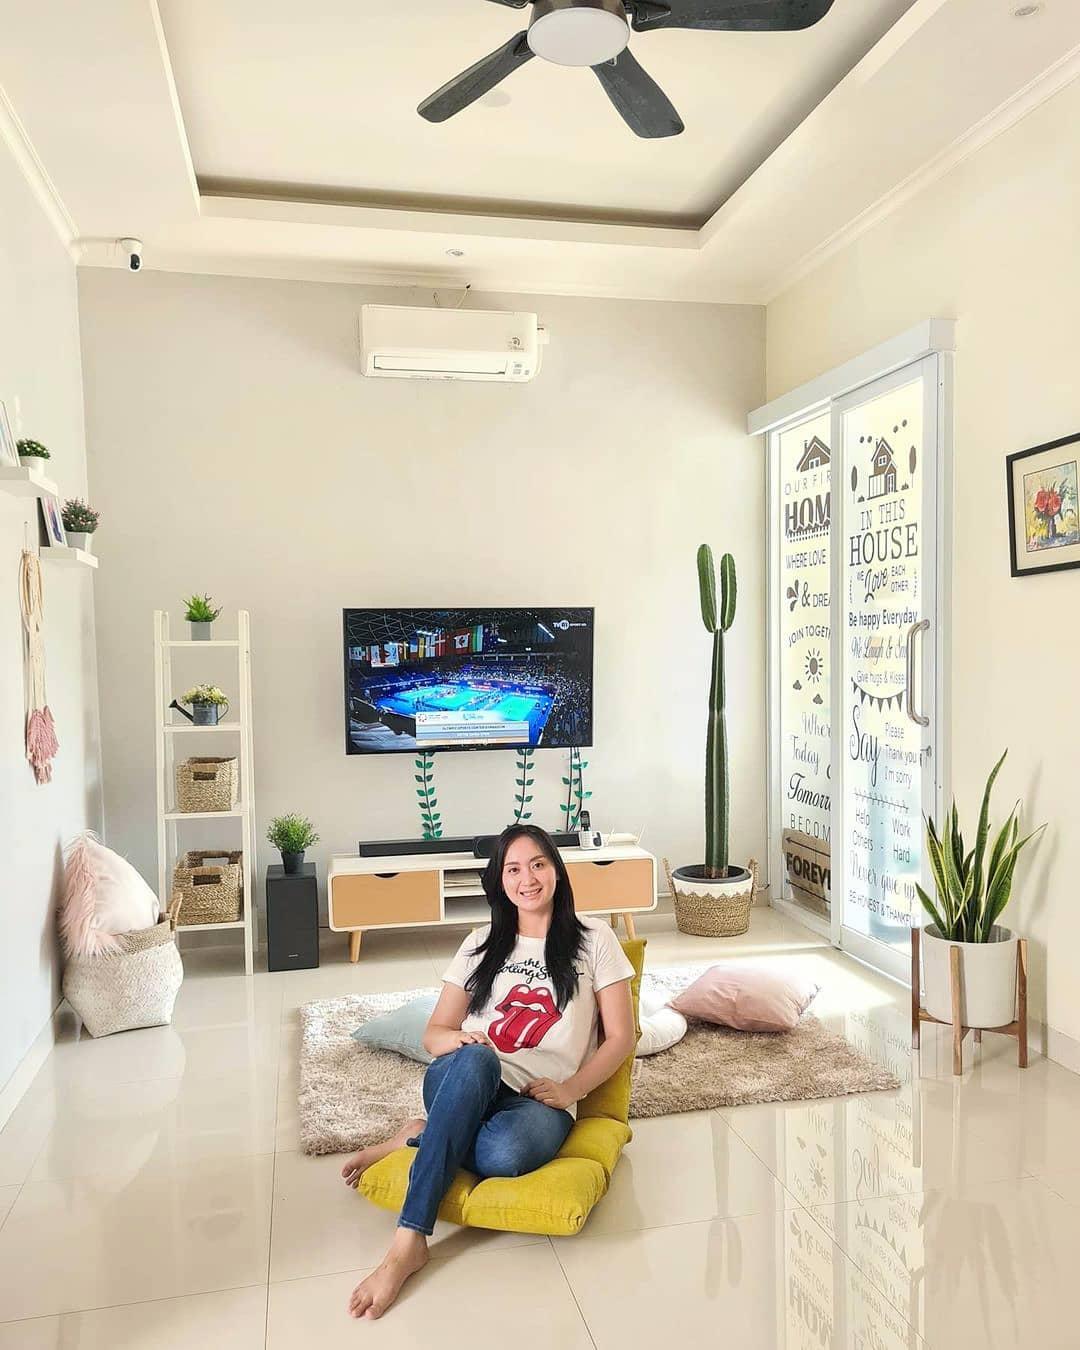 9 Desain Ruang Tv Minimalis Terbaik 2021 Cocok Di Ruangan Sempit Rumah123 Com Design ruang tv minimalis